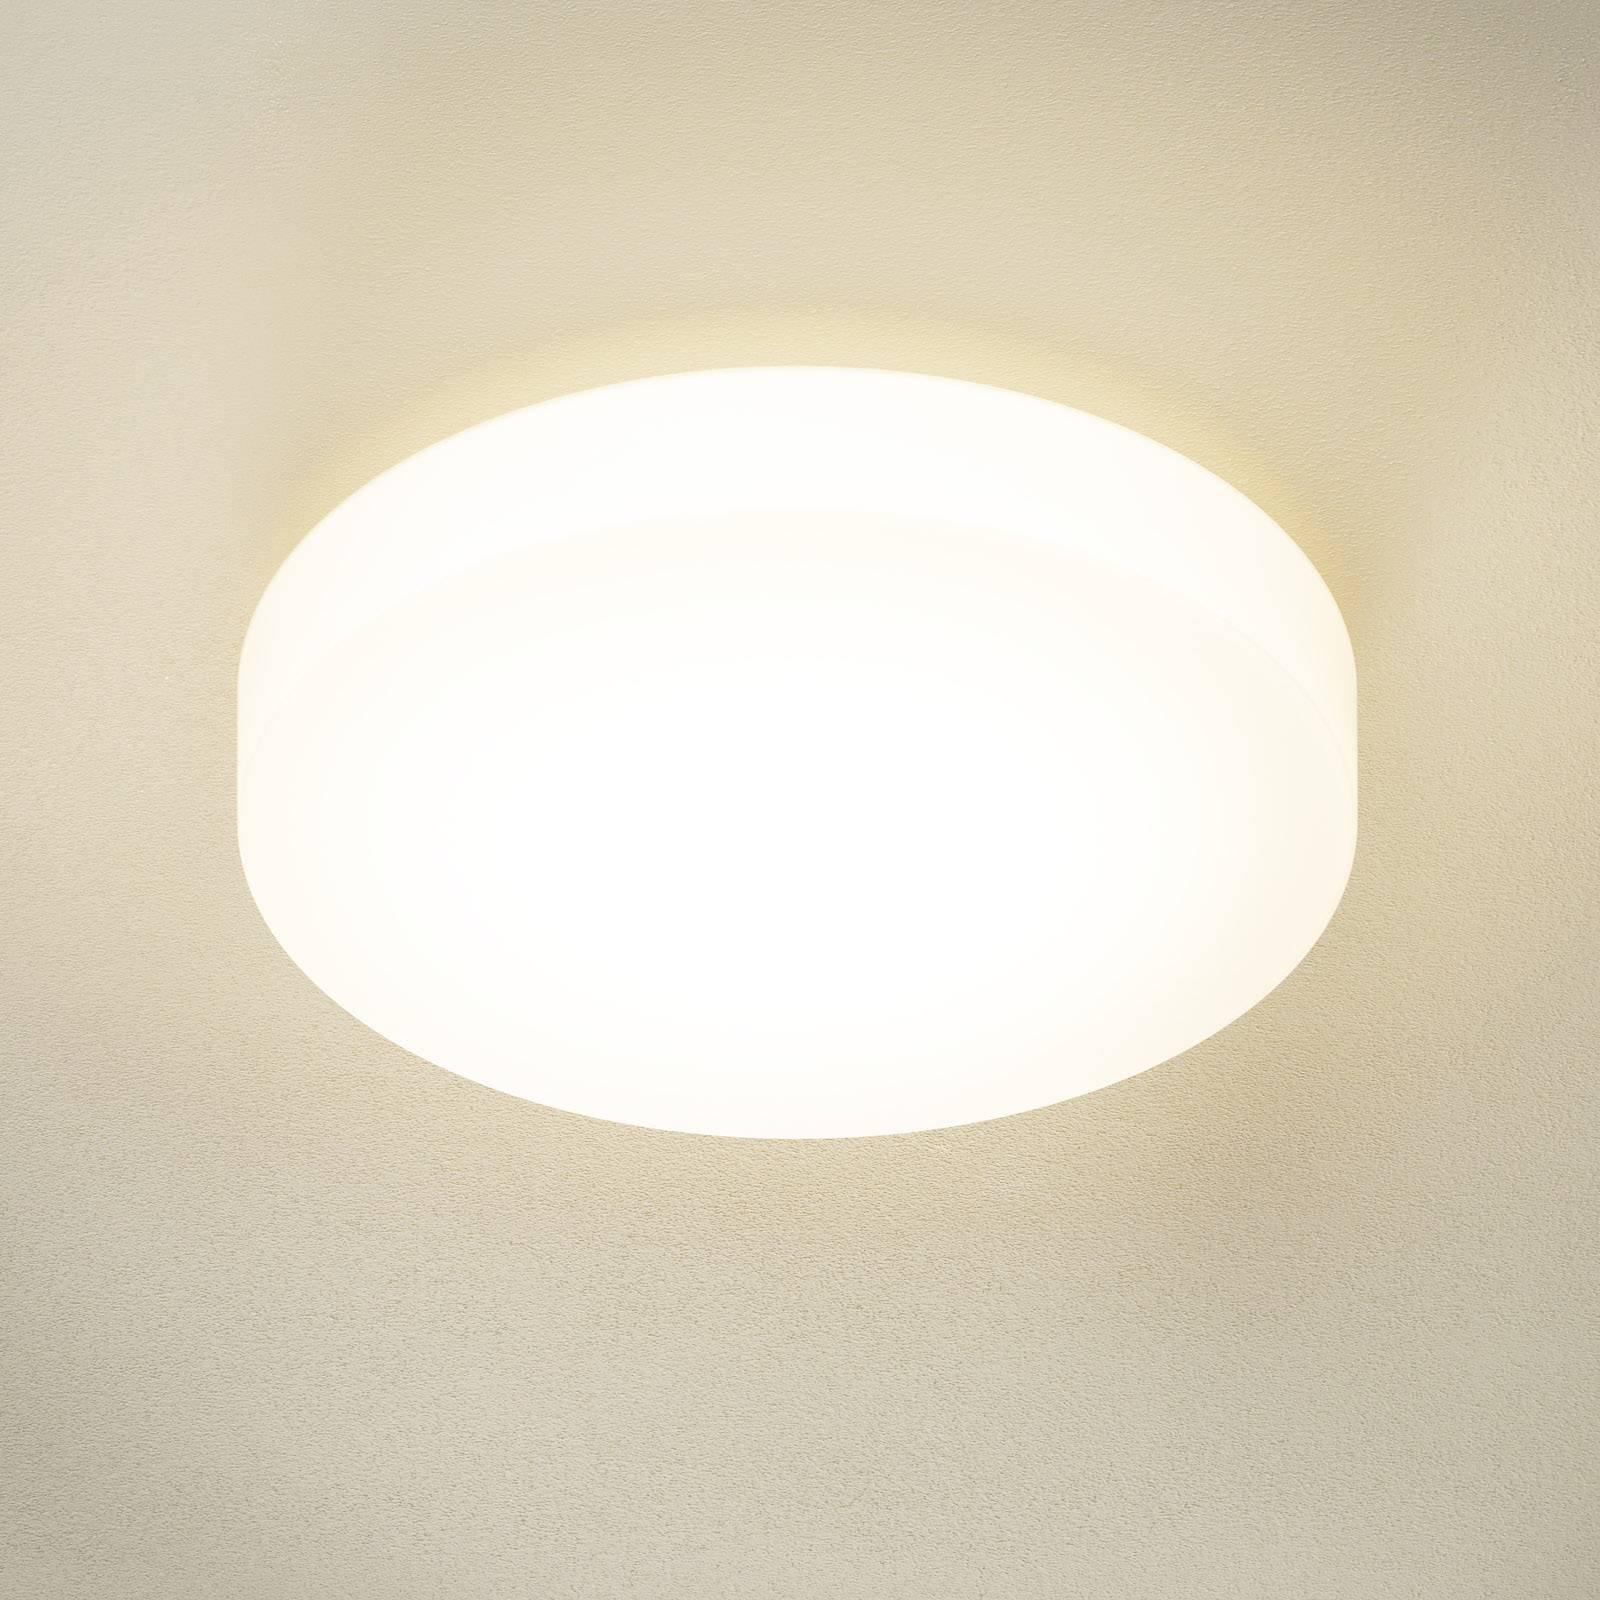 BEGA 23297 LED-taklampe glass DALI 3 000 K Ø 47 cm